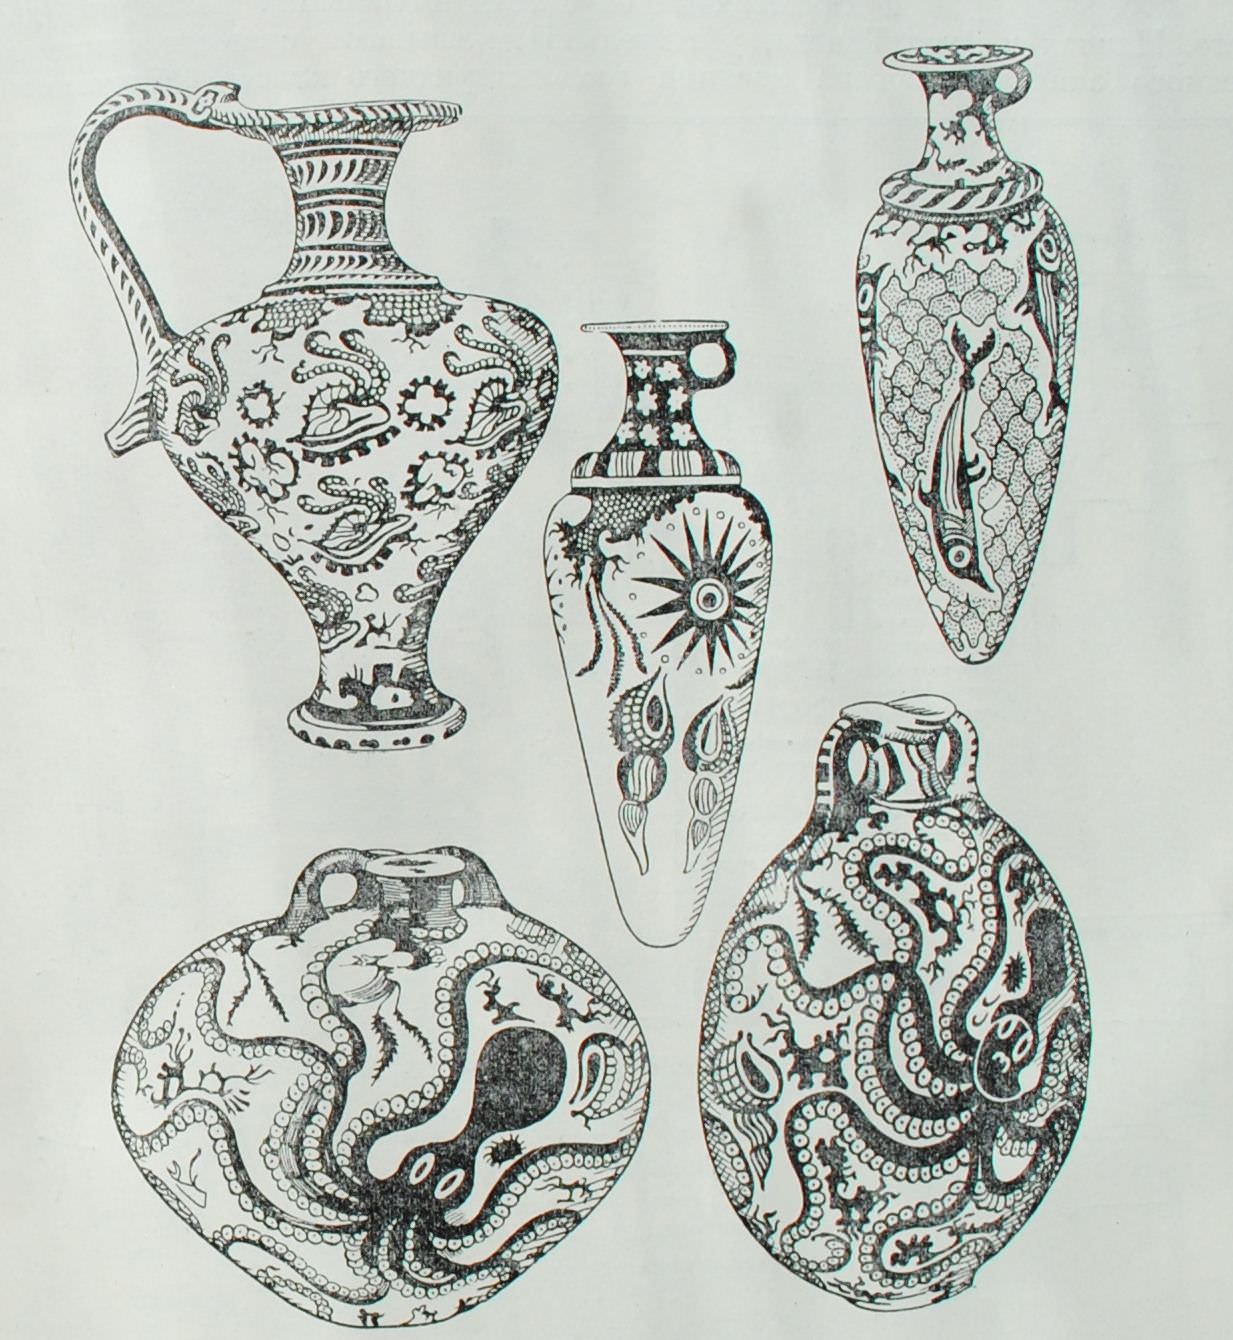 Глиняные сосуды позднеминойского периода. Из Гурнии, Палекастро и Кносса. остров Крит. XVI в. до н.э.